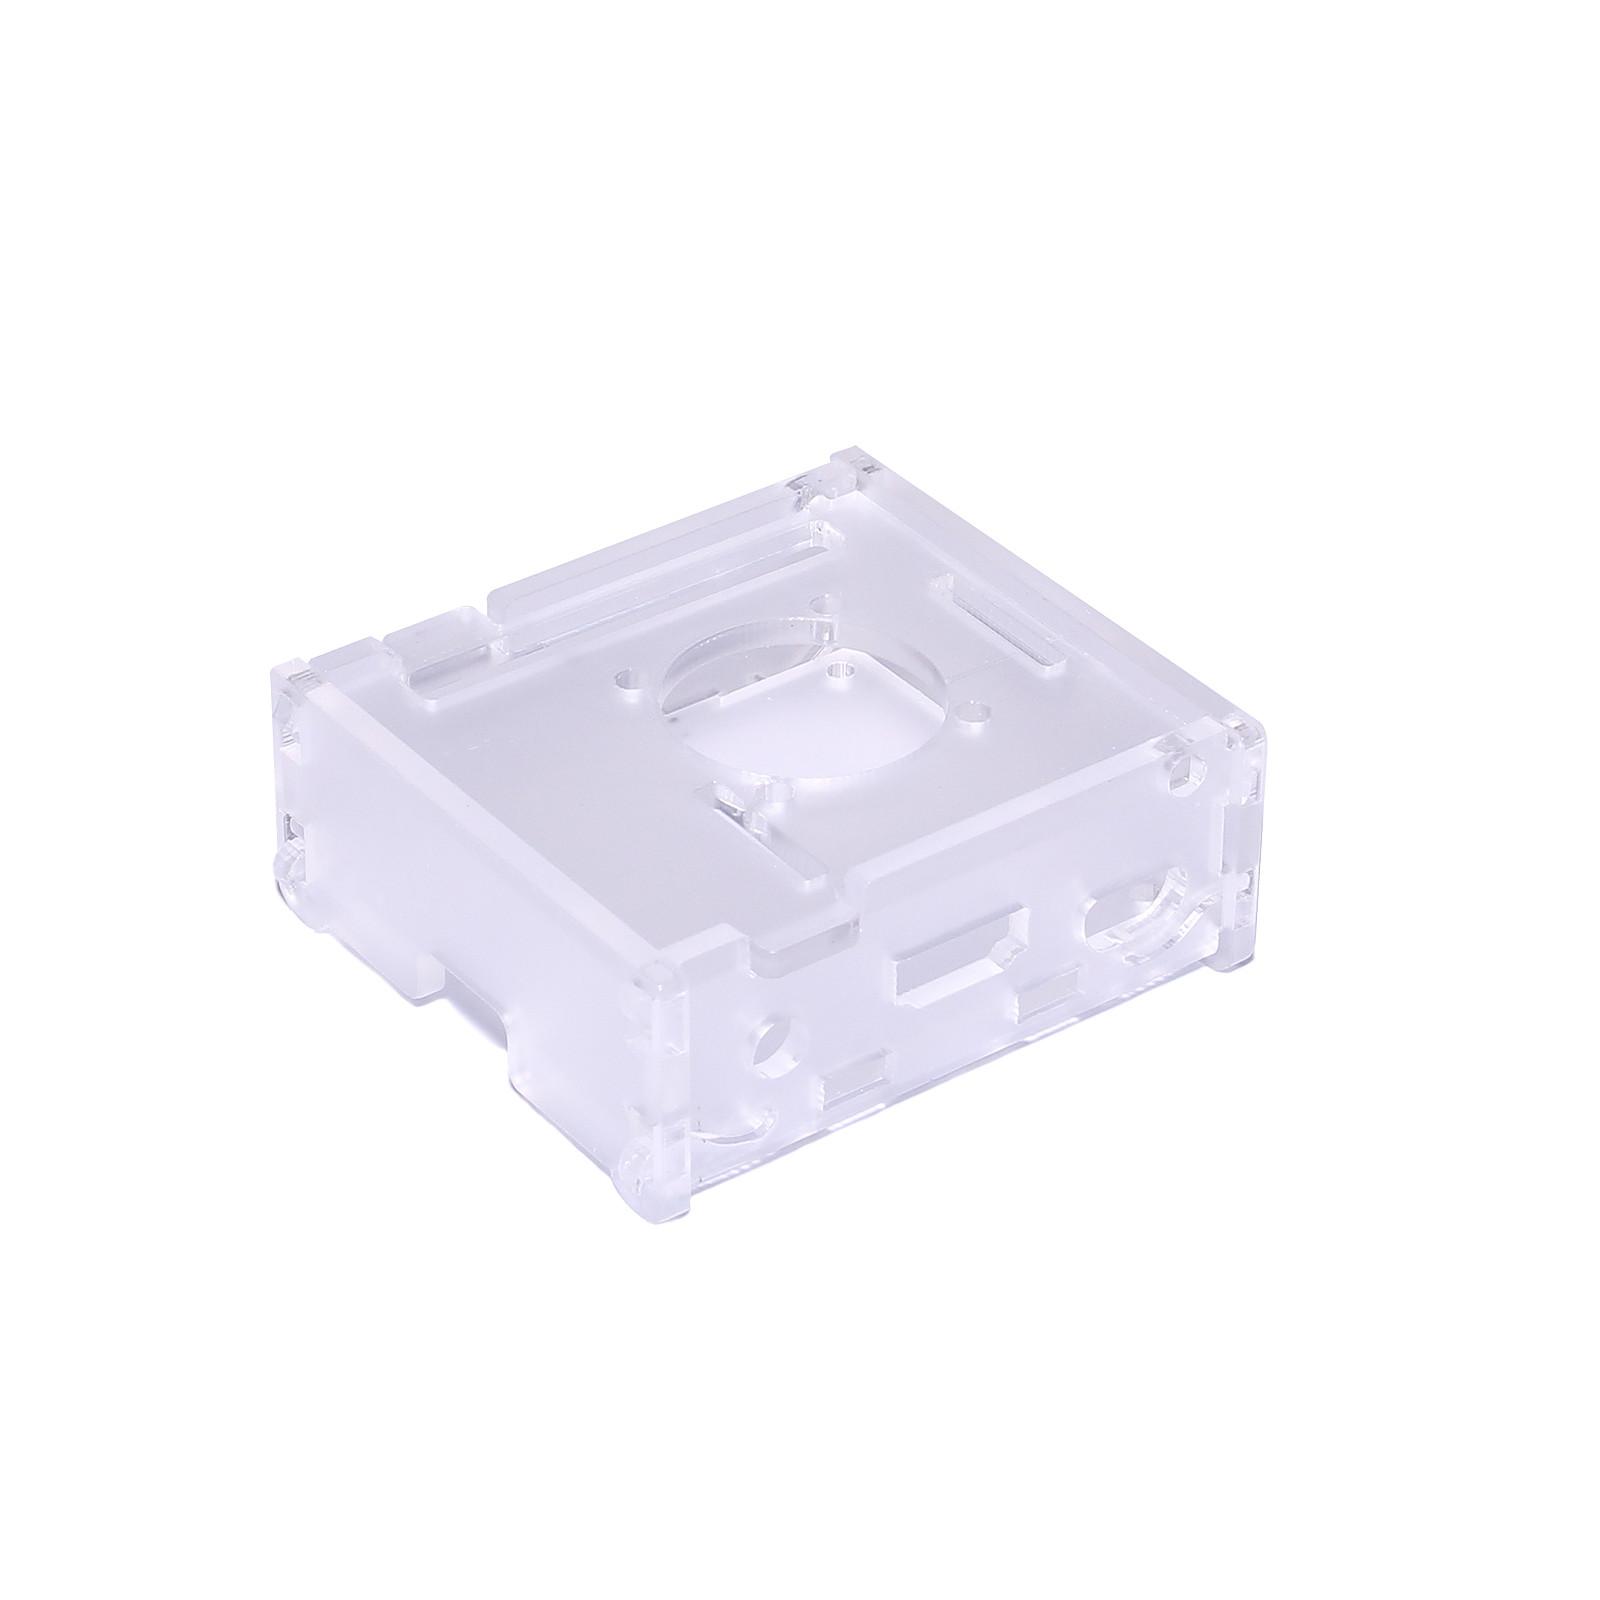 Boitier pour Raspberry Pi 3 A+ avec support Ventilateur (Transparent)